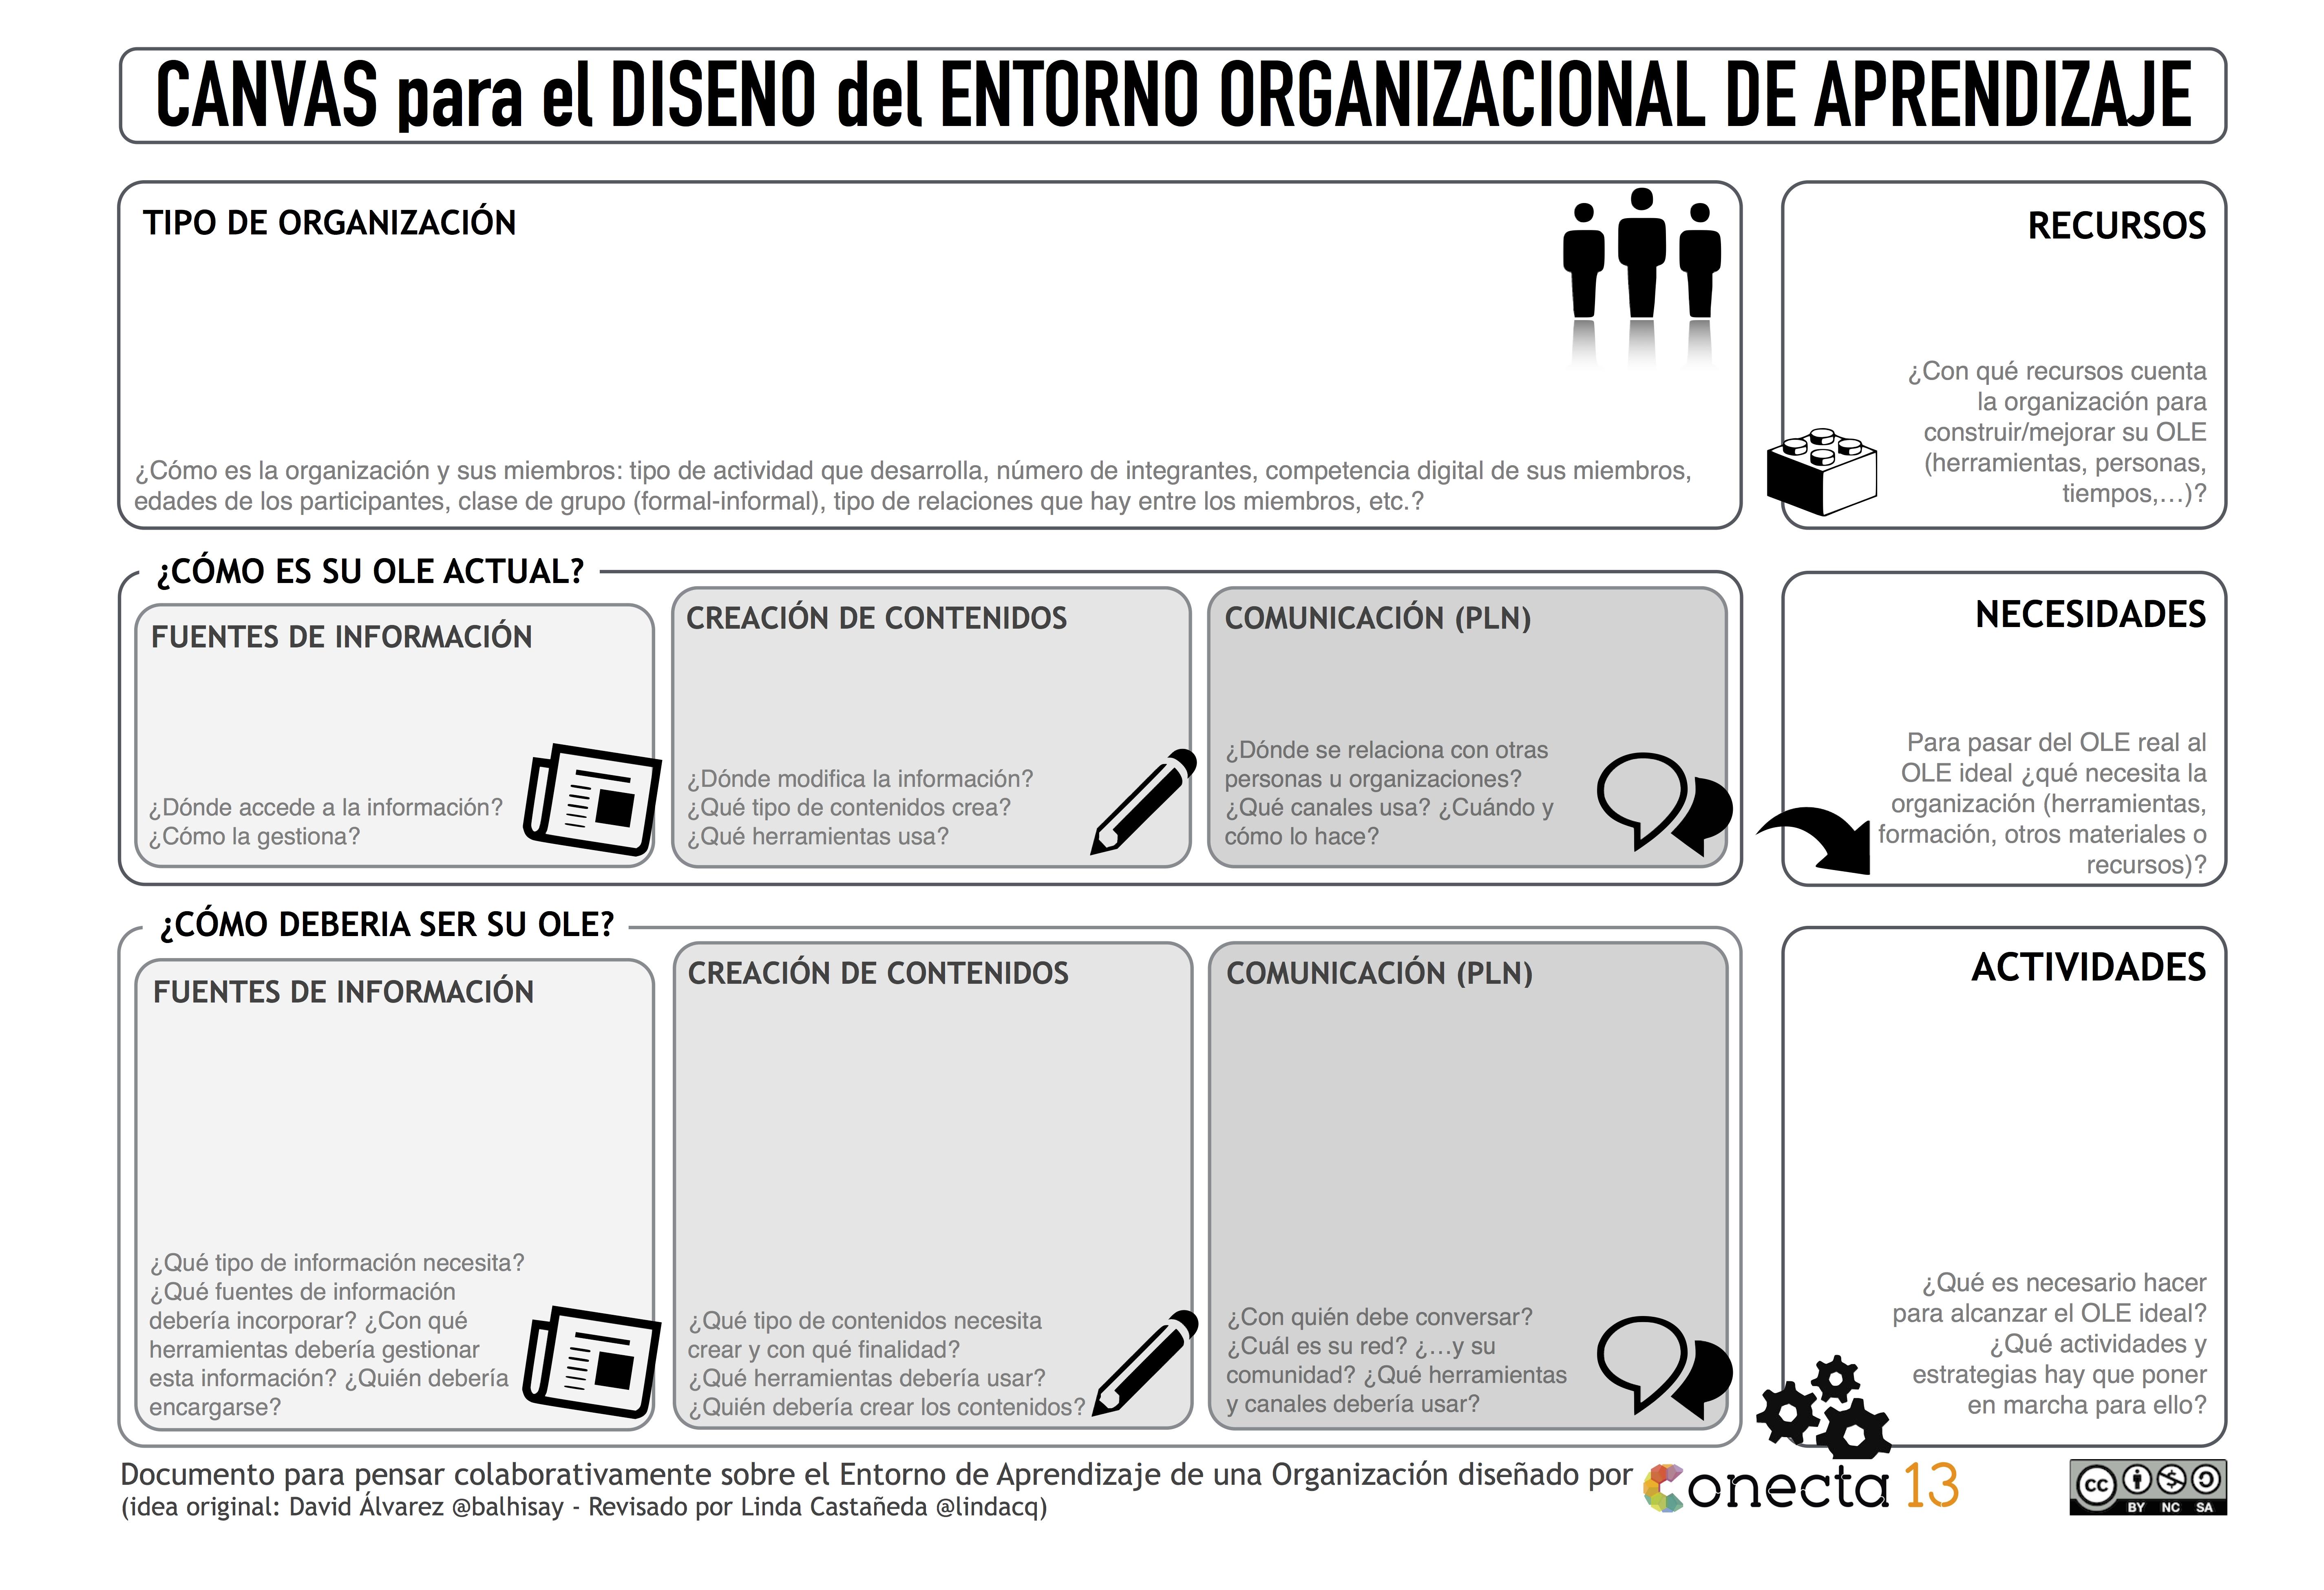 CANVAS para el Diseño del Entorno de Aprendizaje de una Organización ...